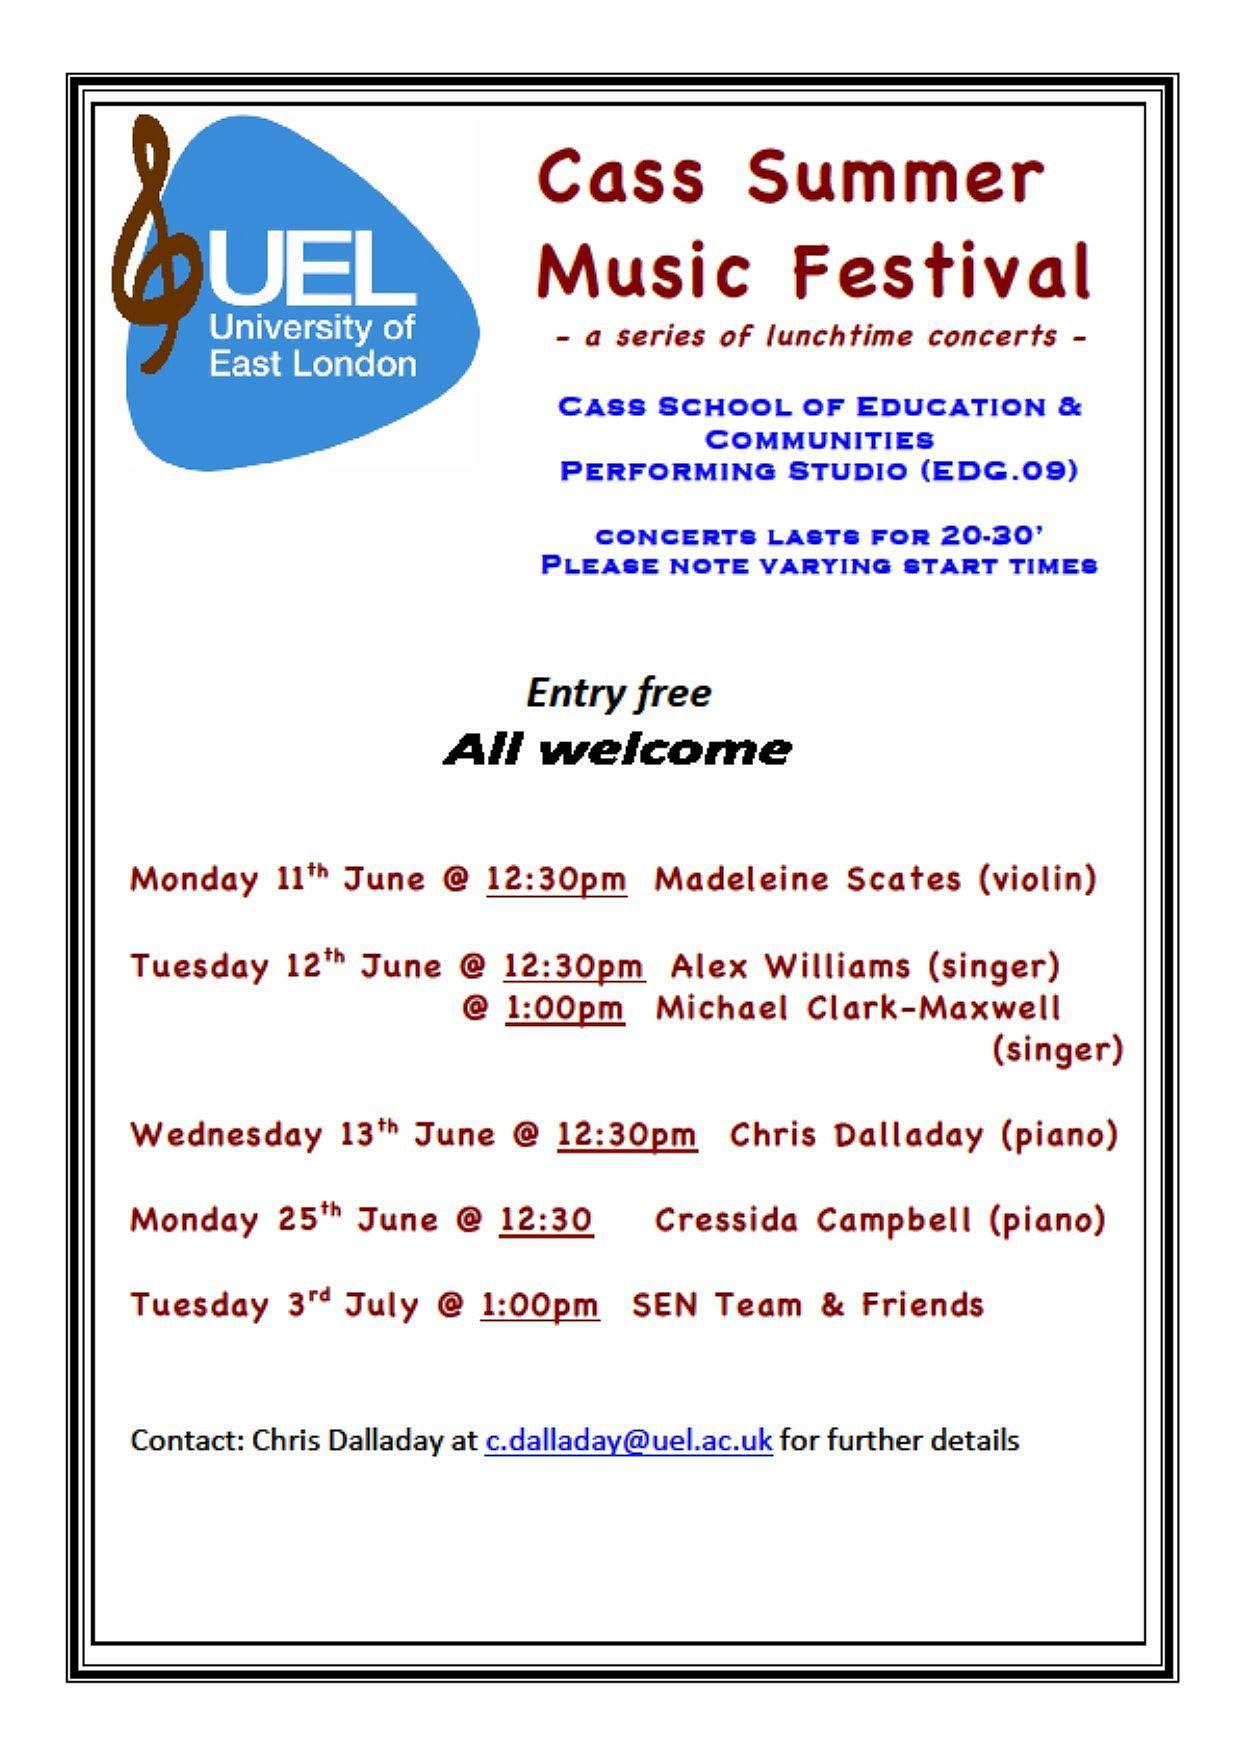 Cass Summer Music Festival